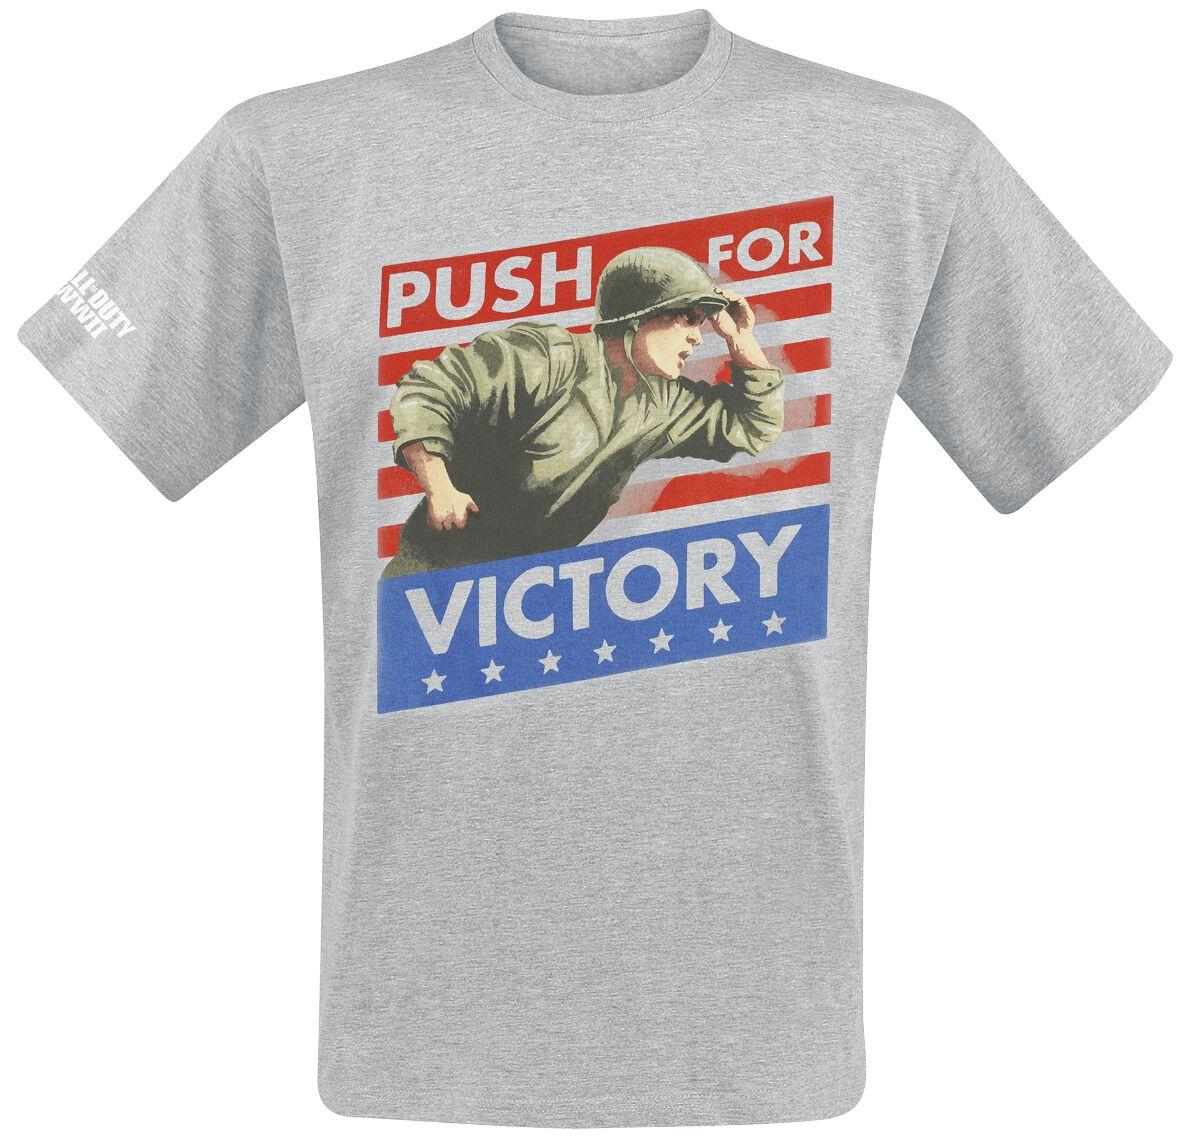 Merch dla Fanów - Koszulki - T-Shirt Call Of Duty WWII - Push for Victory T-Shirt odcienie szarego - 368561